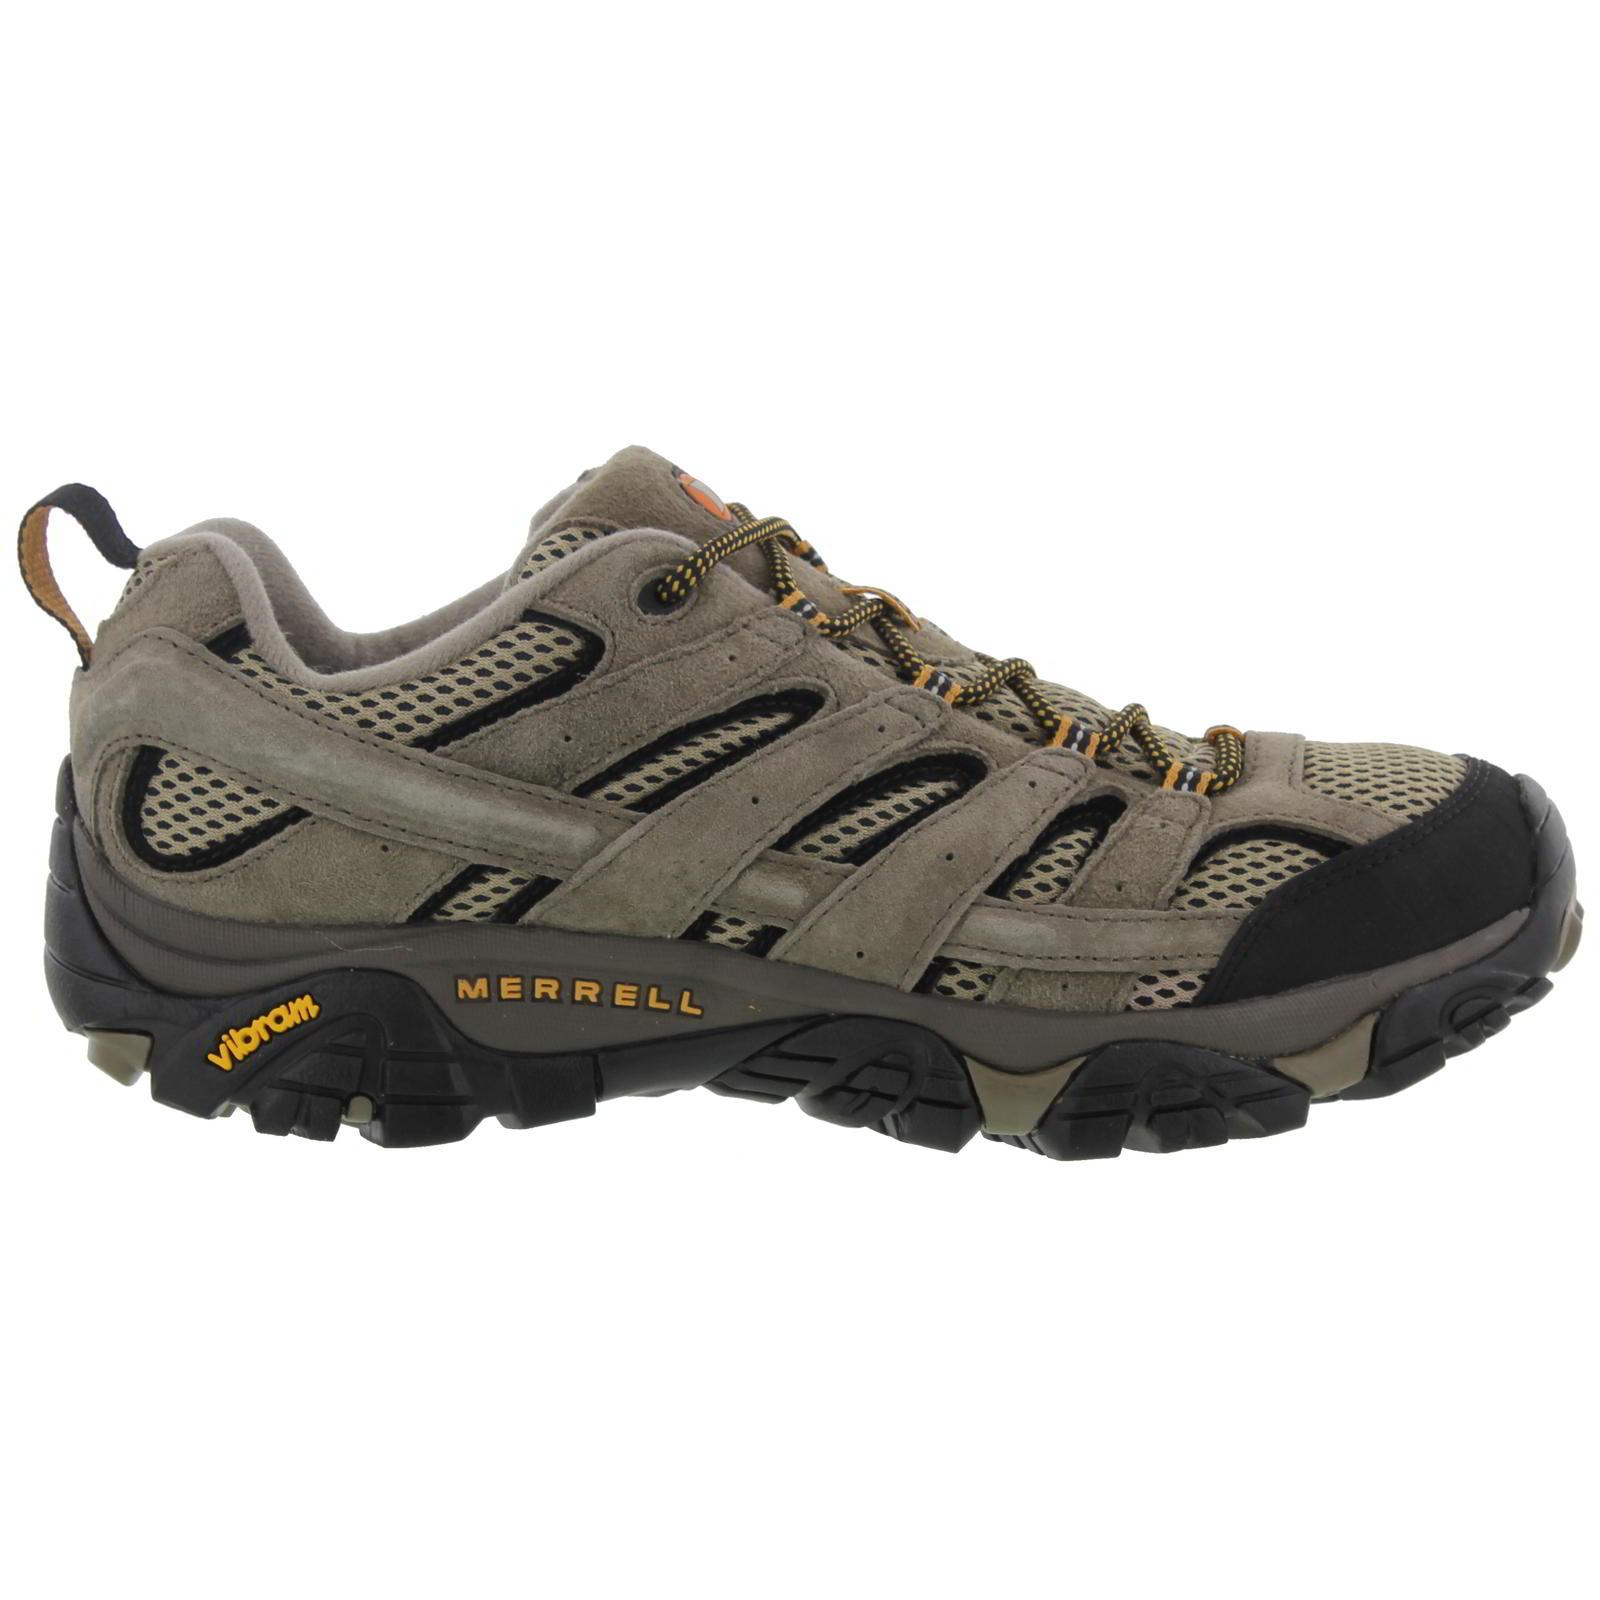 62982dee379 Détails sur Merrell Moab 2 Vent Homme Respirant Randonnée Marche Baskets  Chaussures Taille UK 7-13- afficher le titre d origine